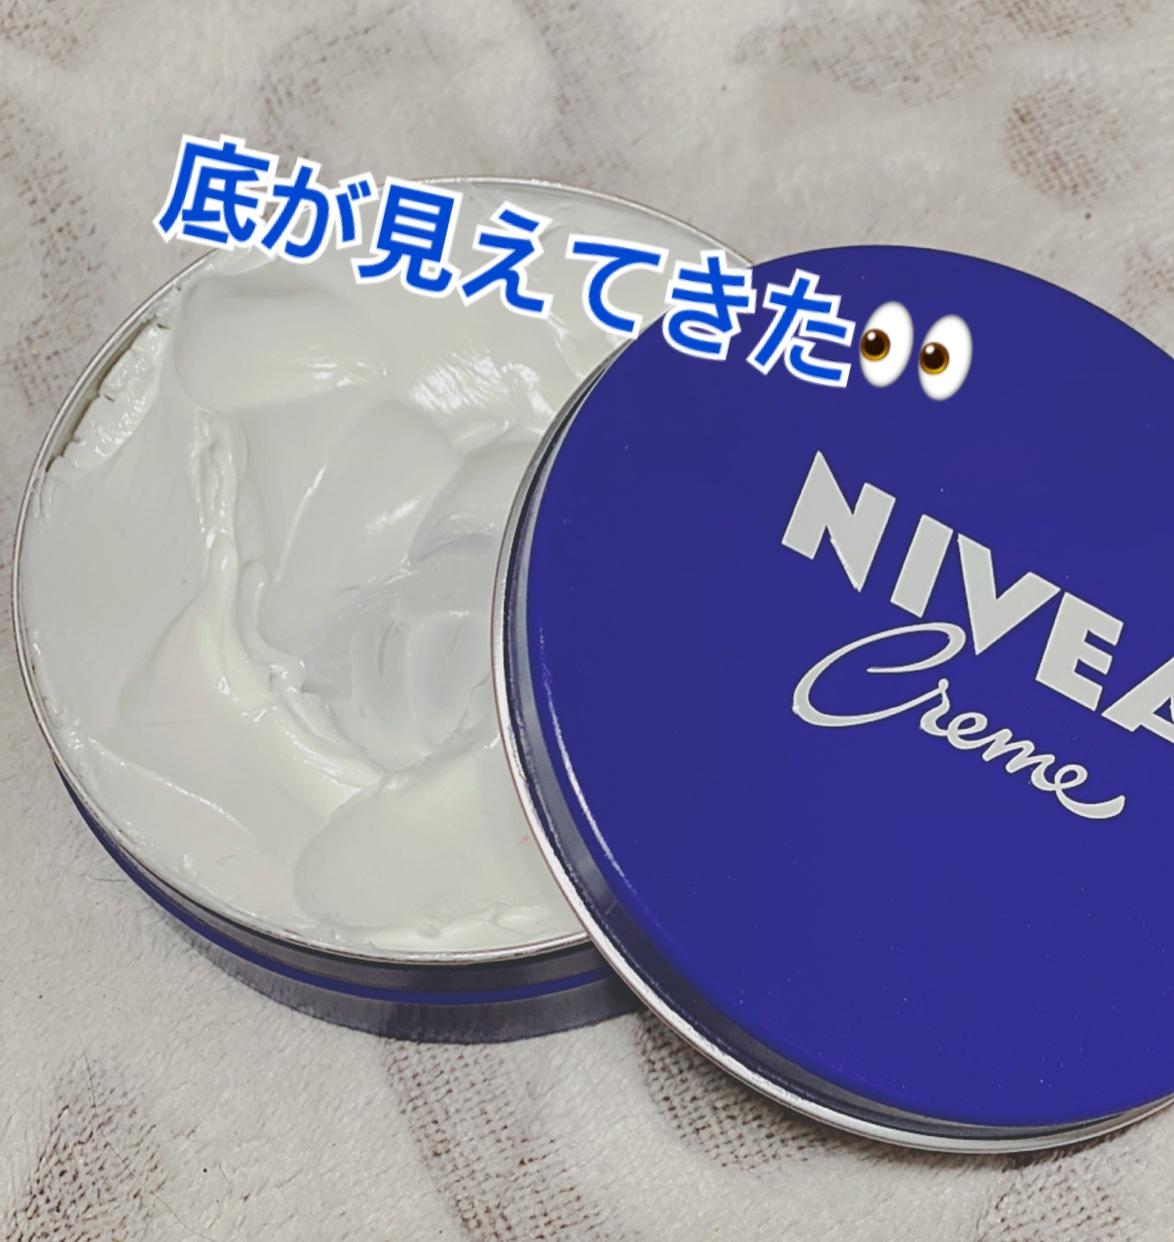 NIVEA(ニベア) クリーム(大缶)の良い点・メリットに関するNozomiさんの口コミ画像2